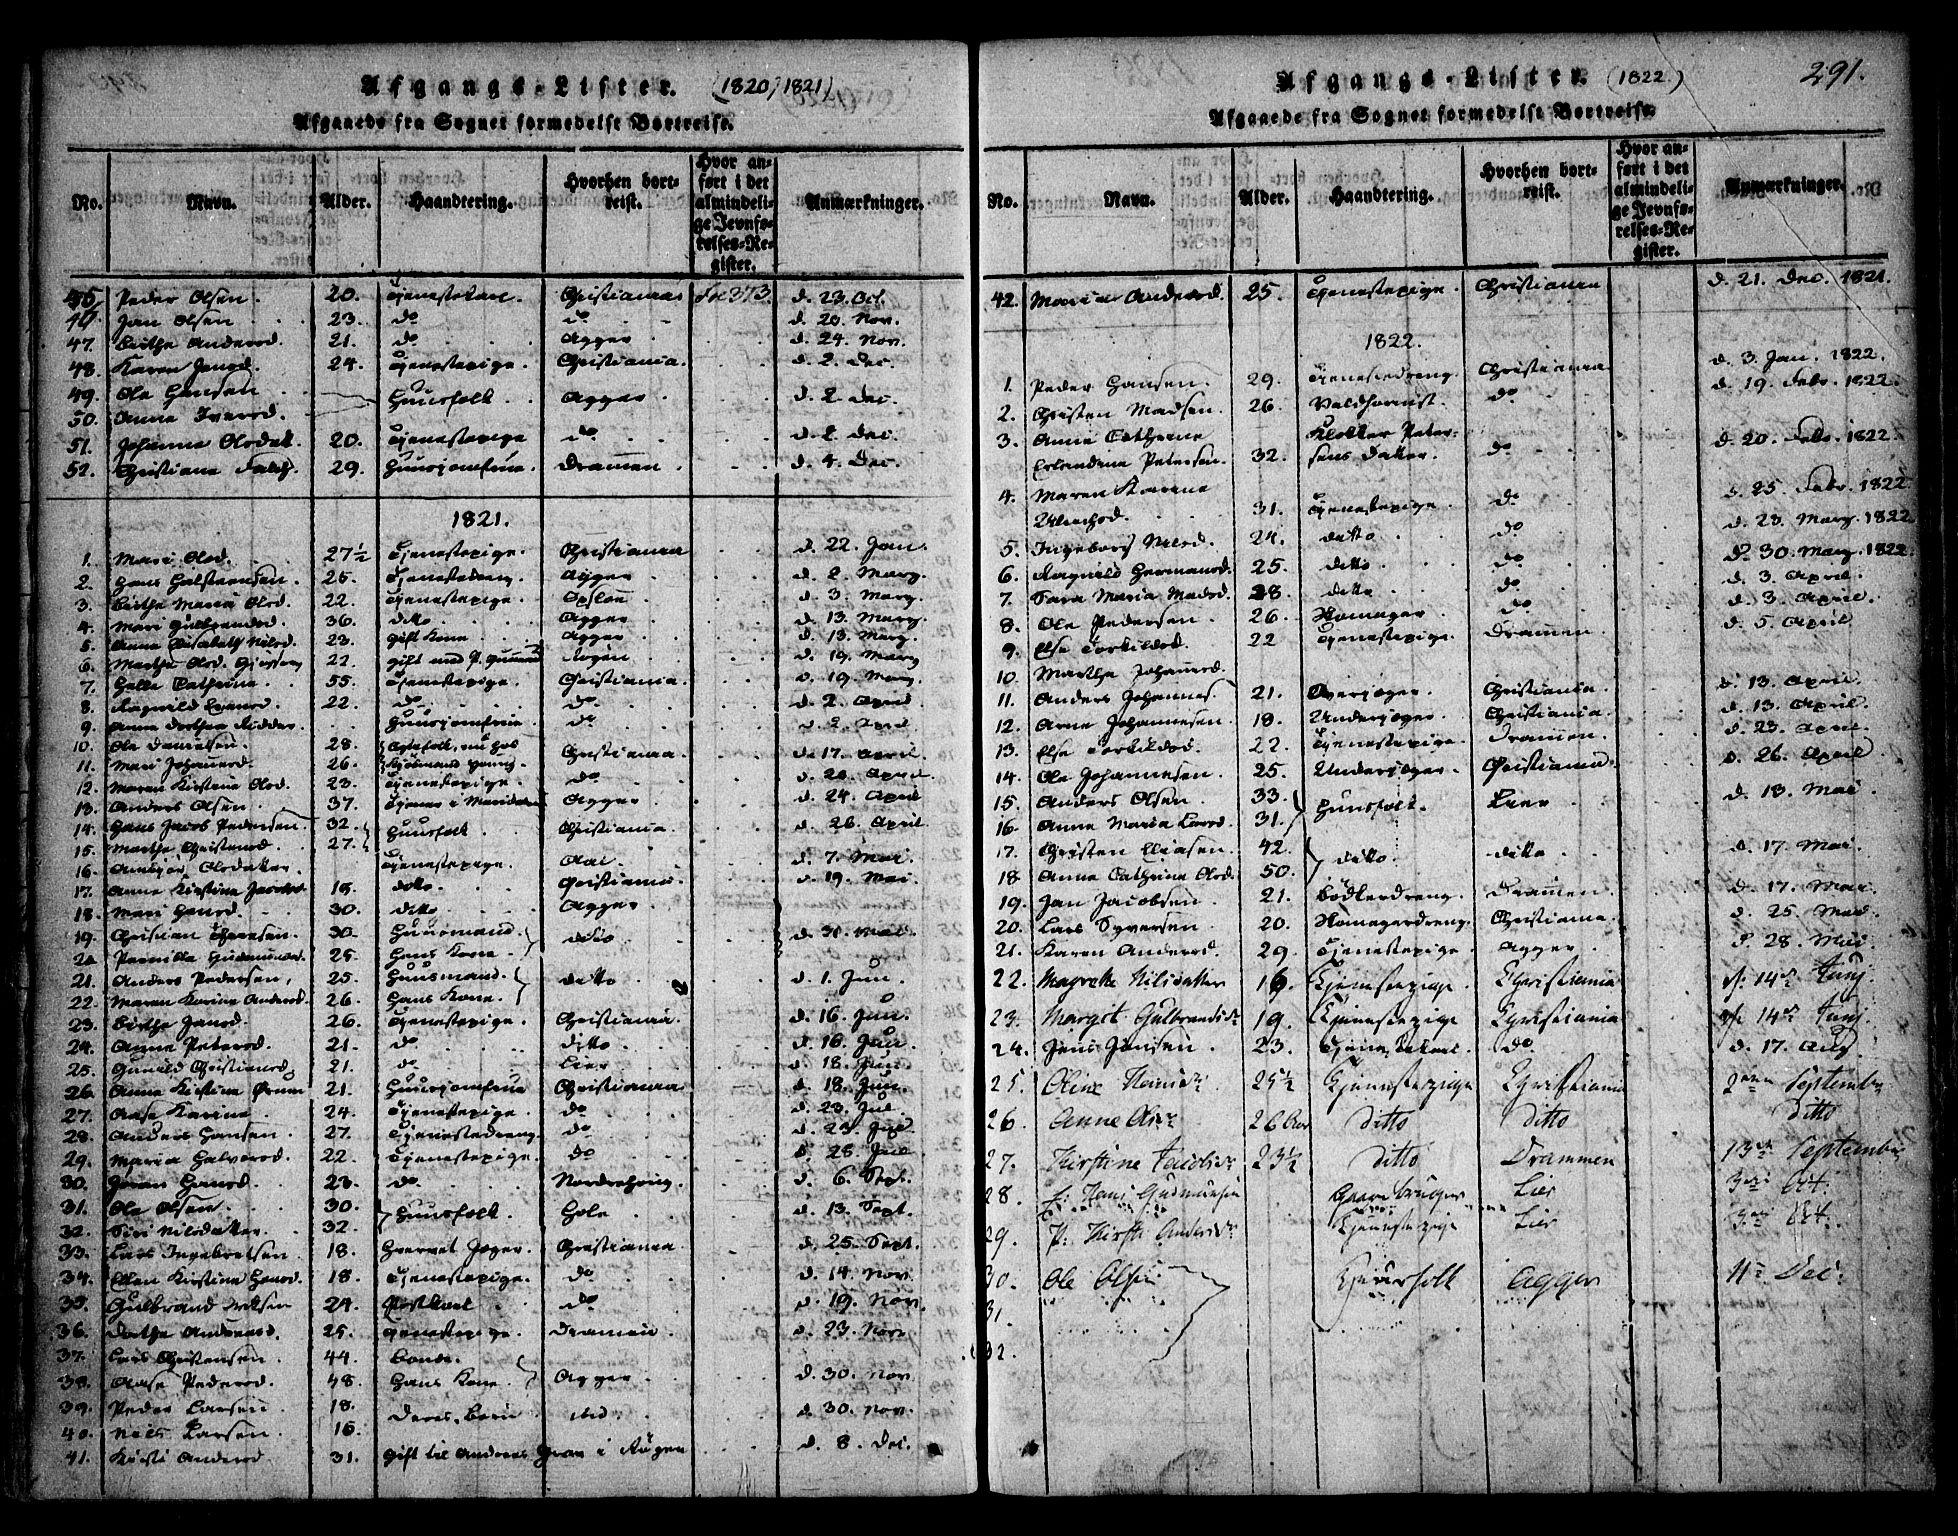 SAO, Asker prestekontor Kirkebøker, F/Fa/L0006: Ministerialbok nr. I 6, 1814-1824, s. 291